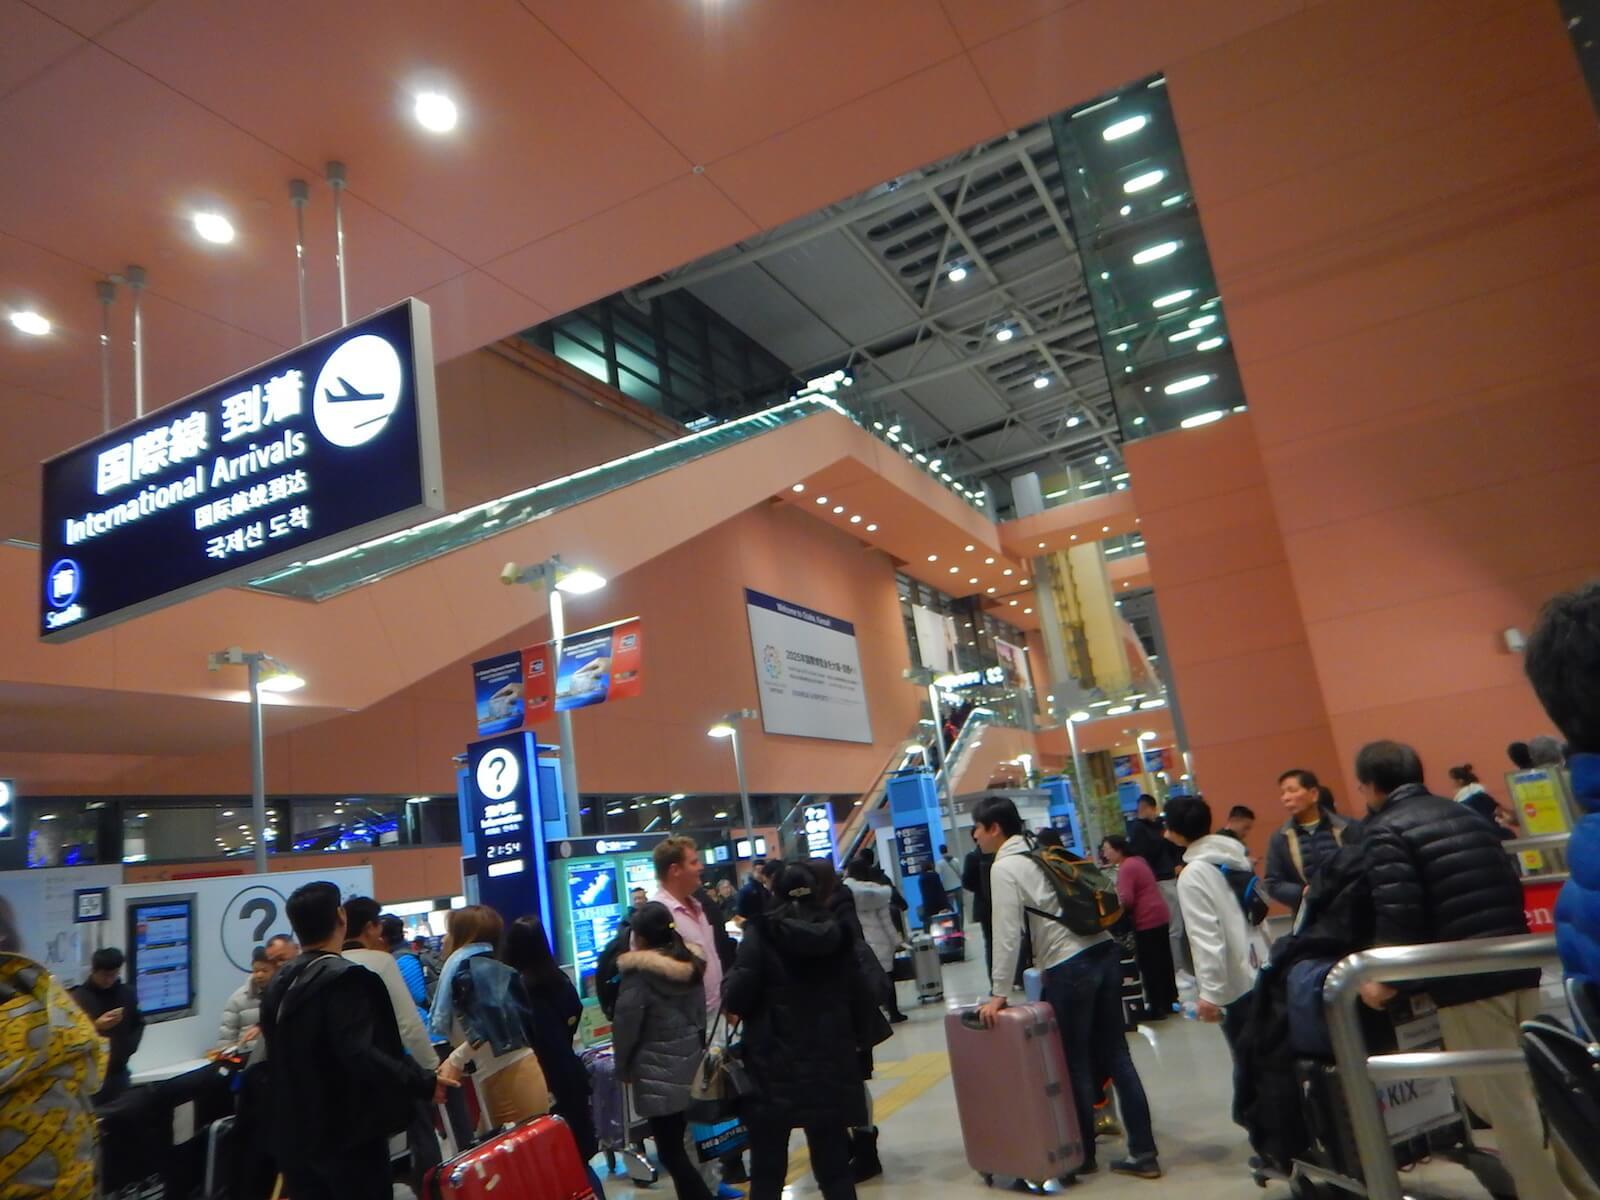 約6時間のフライト後の関西国際空港